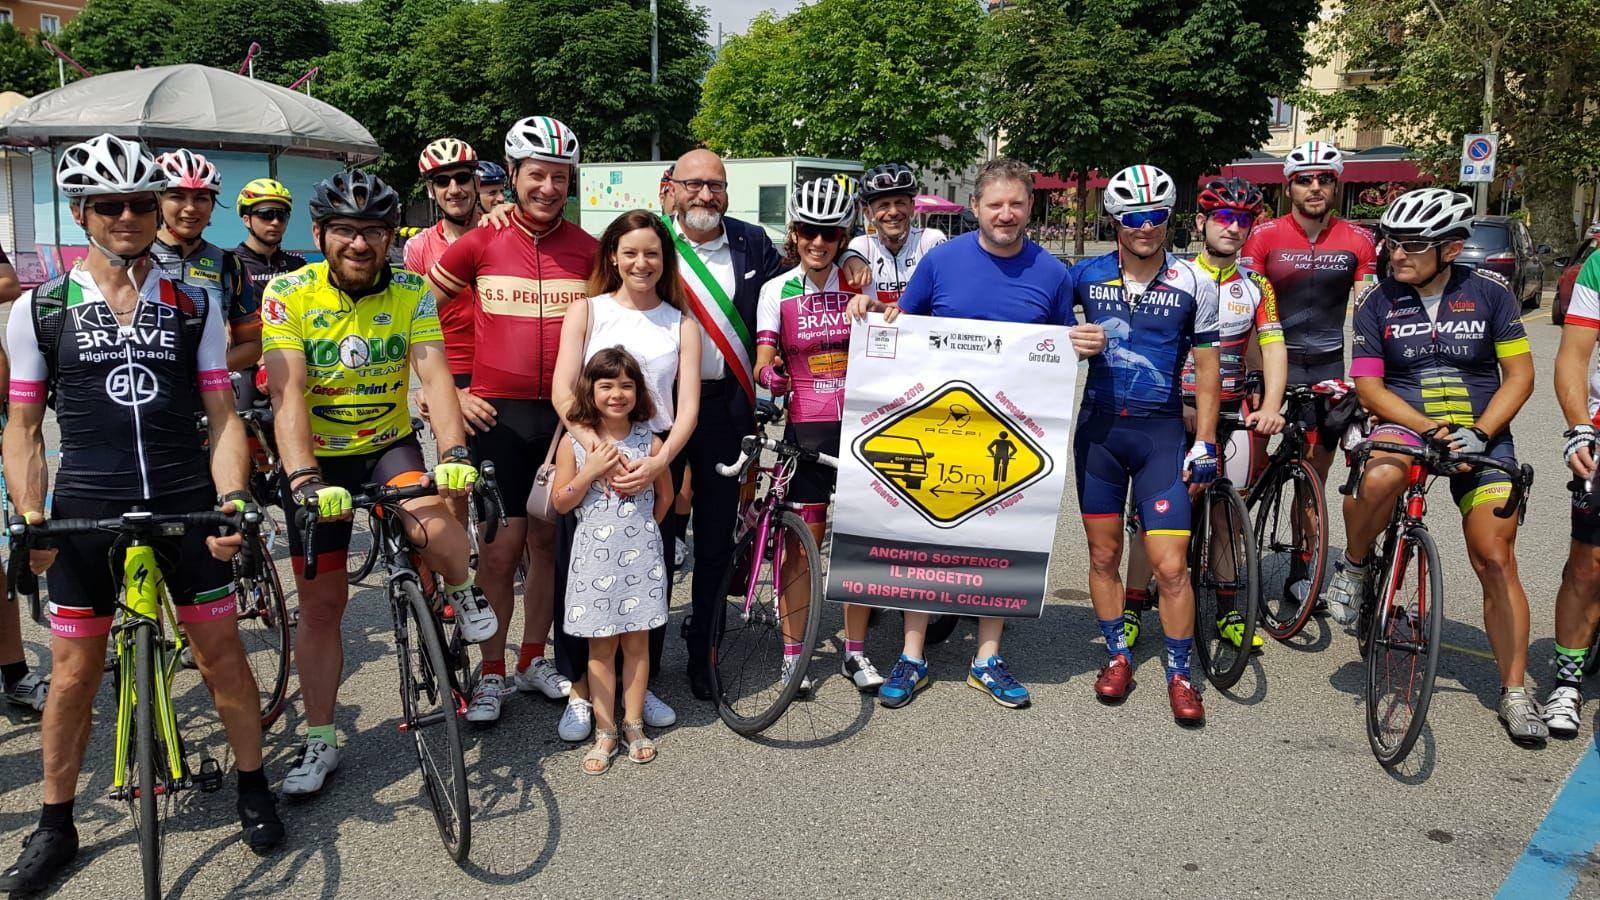 CANAVESE - Sulle strade del Giro rispettando i ciclisti: il progetto sicurezza di Paola Gianotti - FOTO e VIDEO